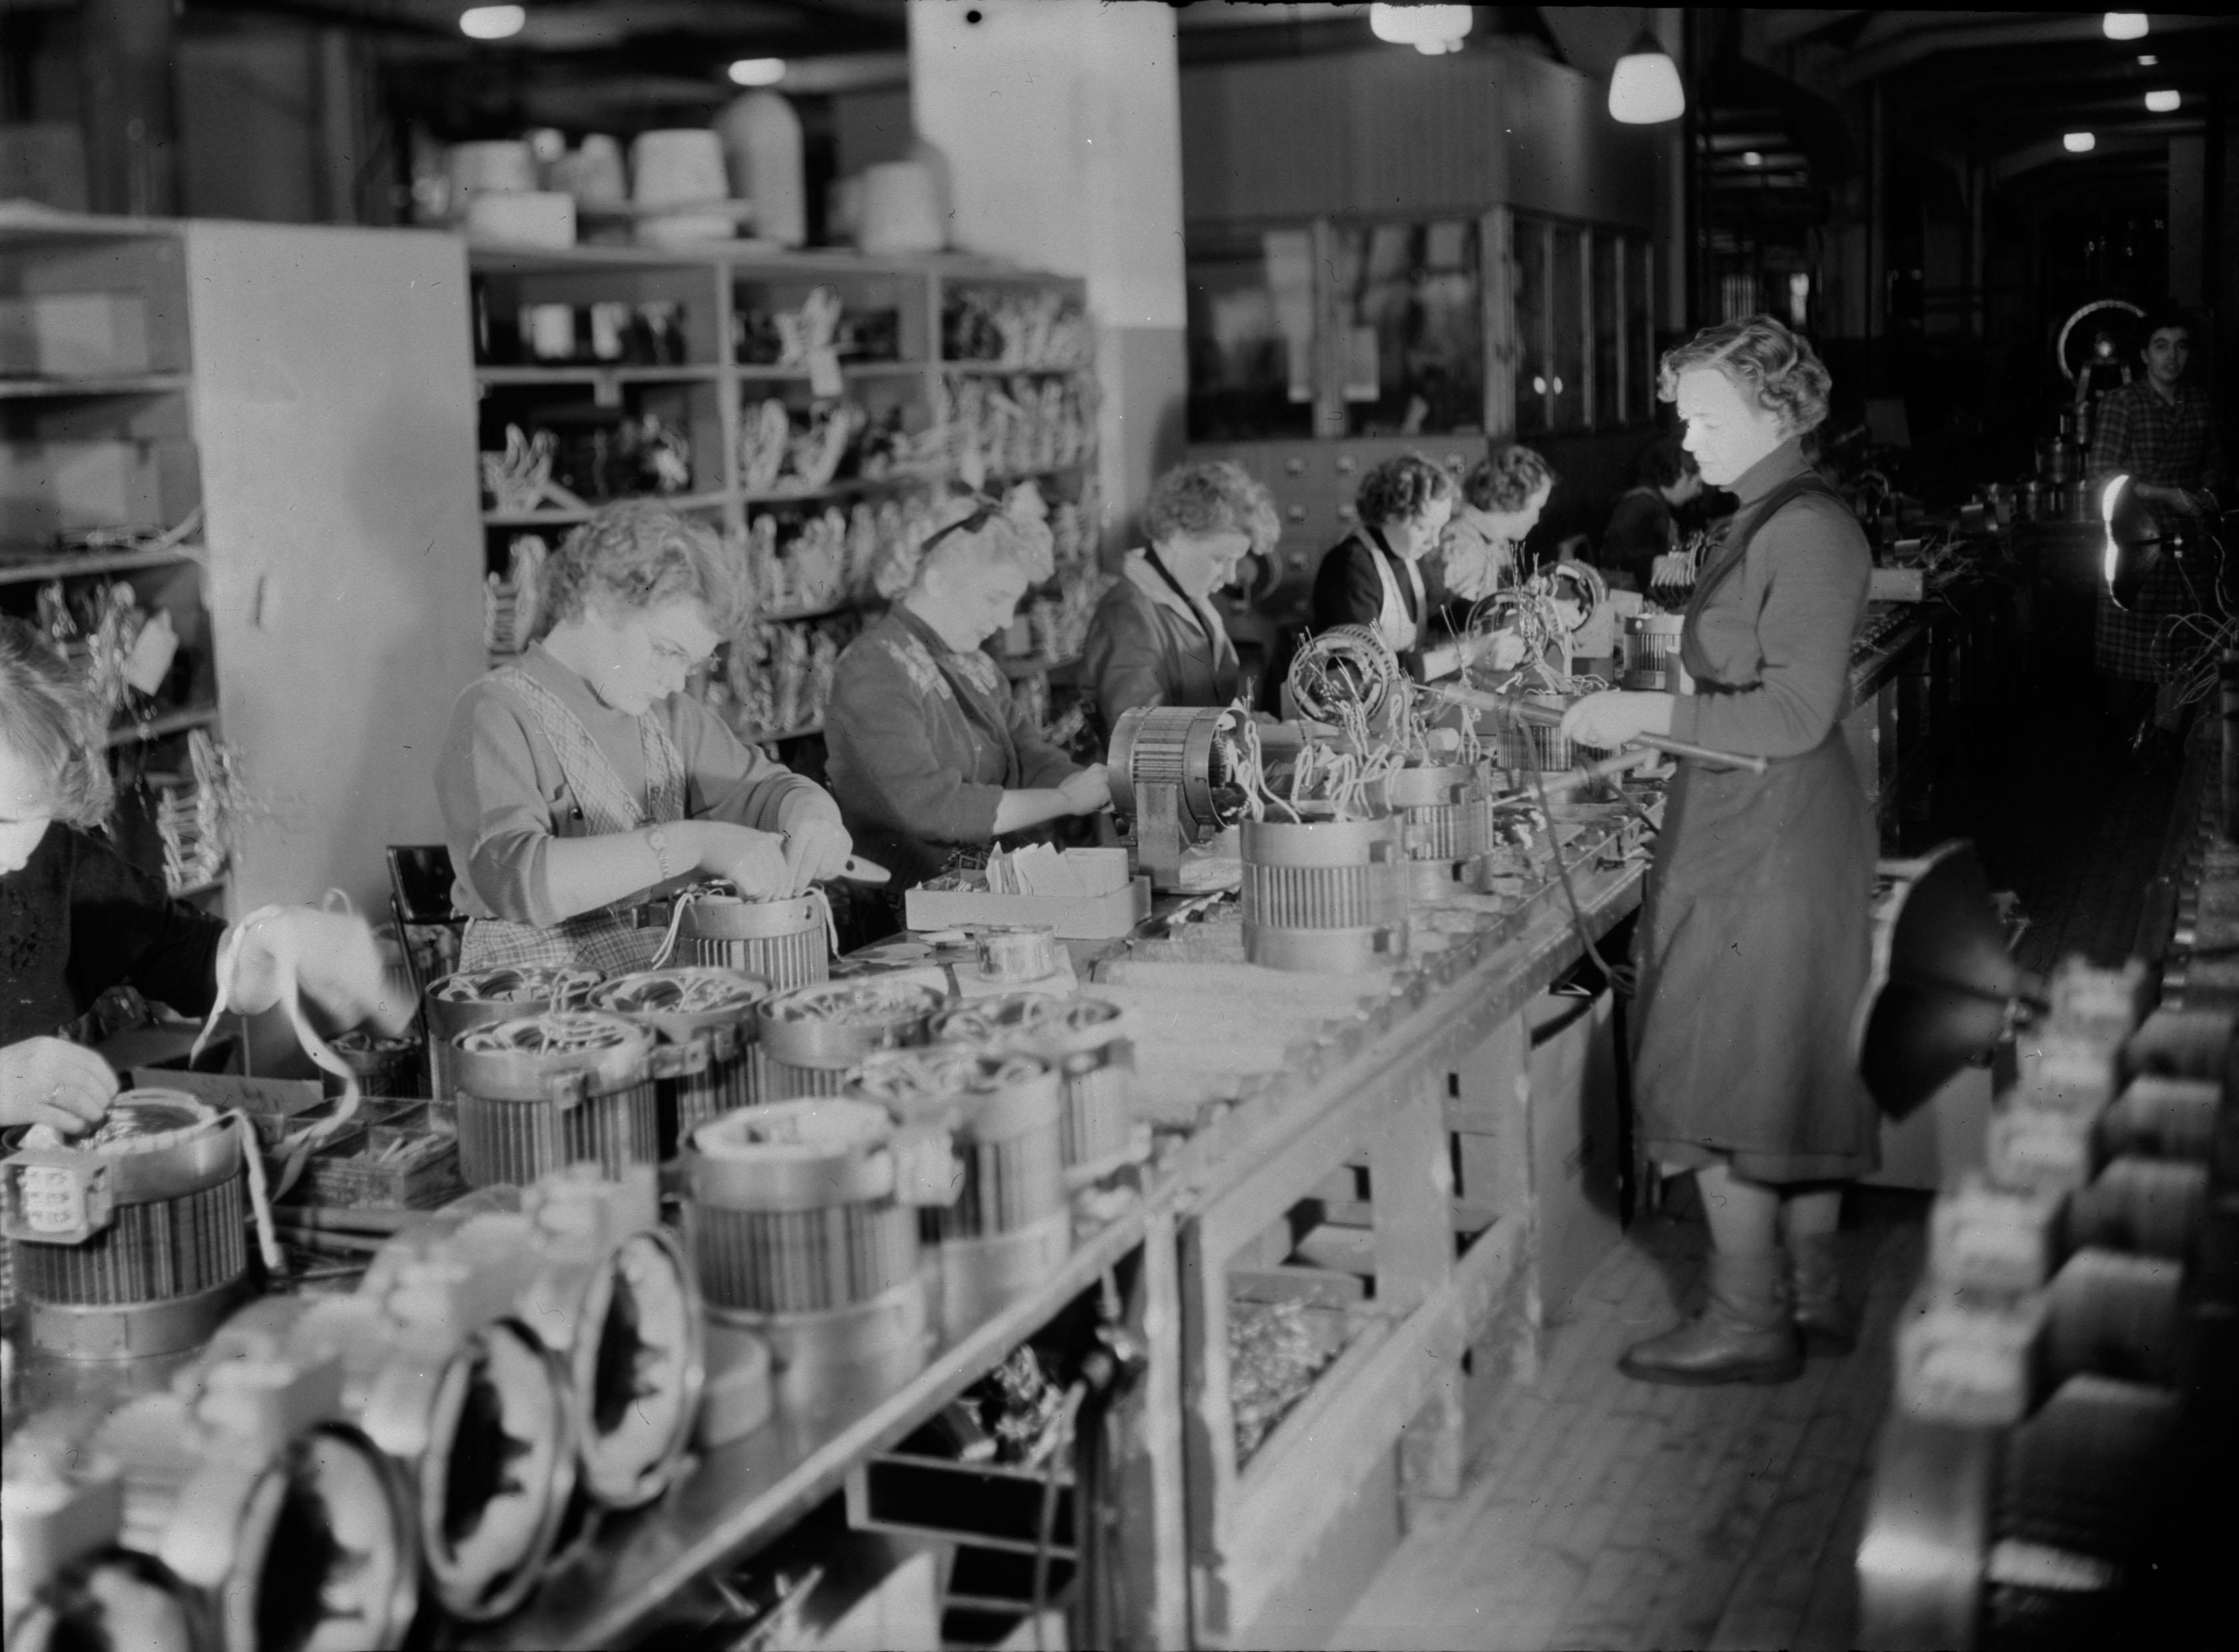 Naisia työskentelemässä Vaasan moottoritehtaan pitkällä liukuhihnalla vuonna 1956. Kuva on osa Tekniikan museon ABB Strömberg -kokoelmaa.